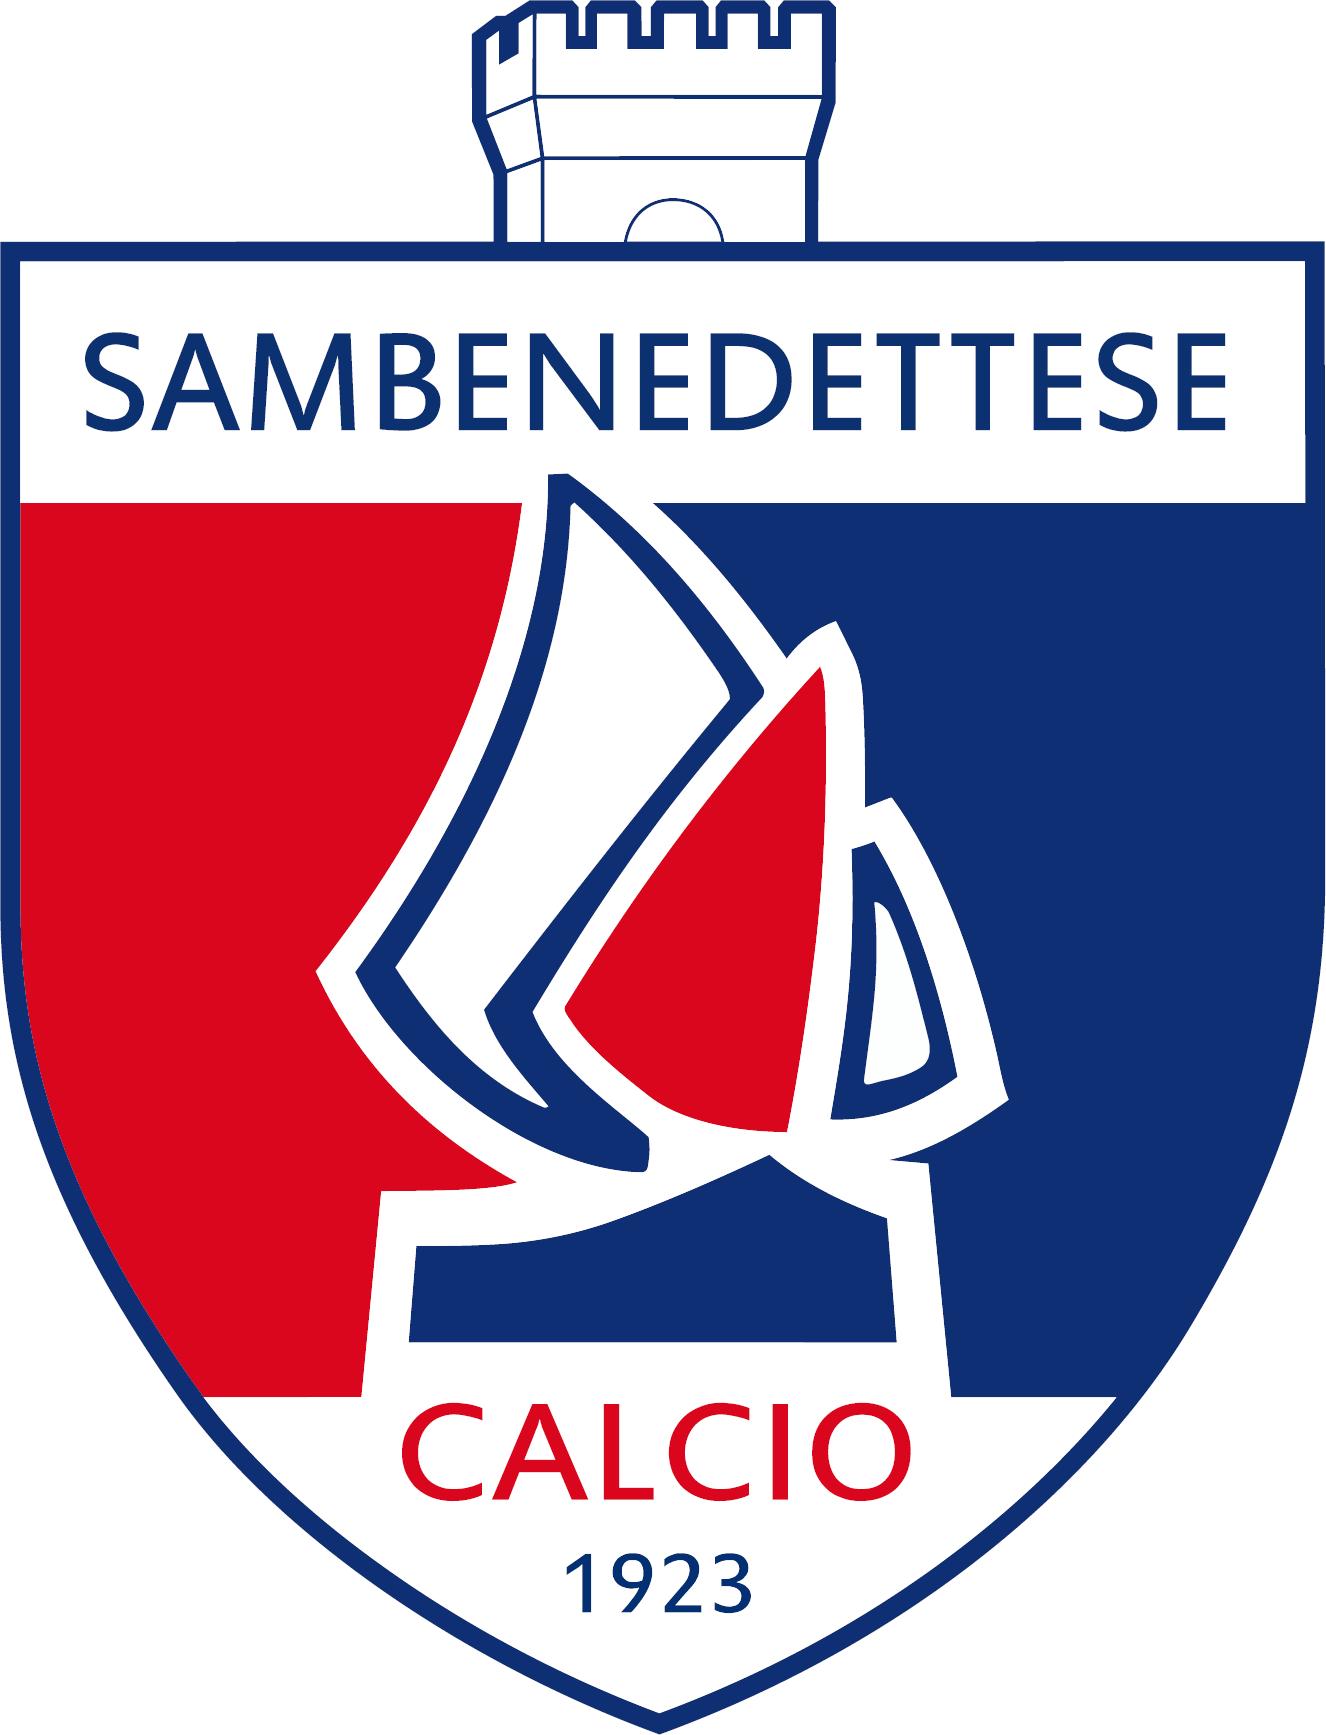 Società Sportiva Sambenedettese - Wikipedia 18cf7caea7f6